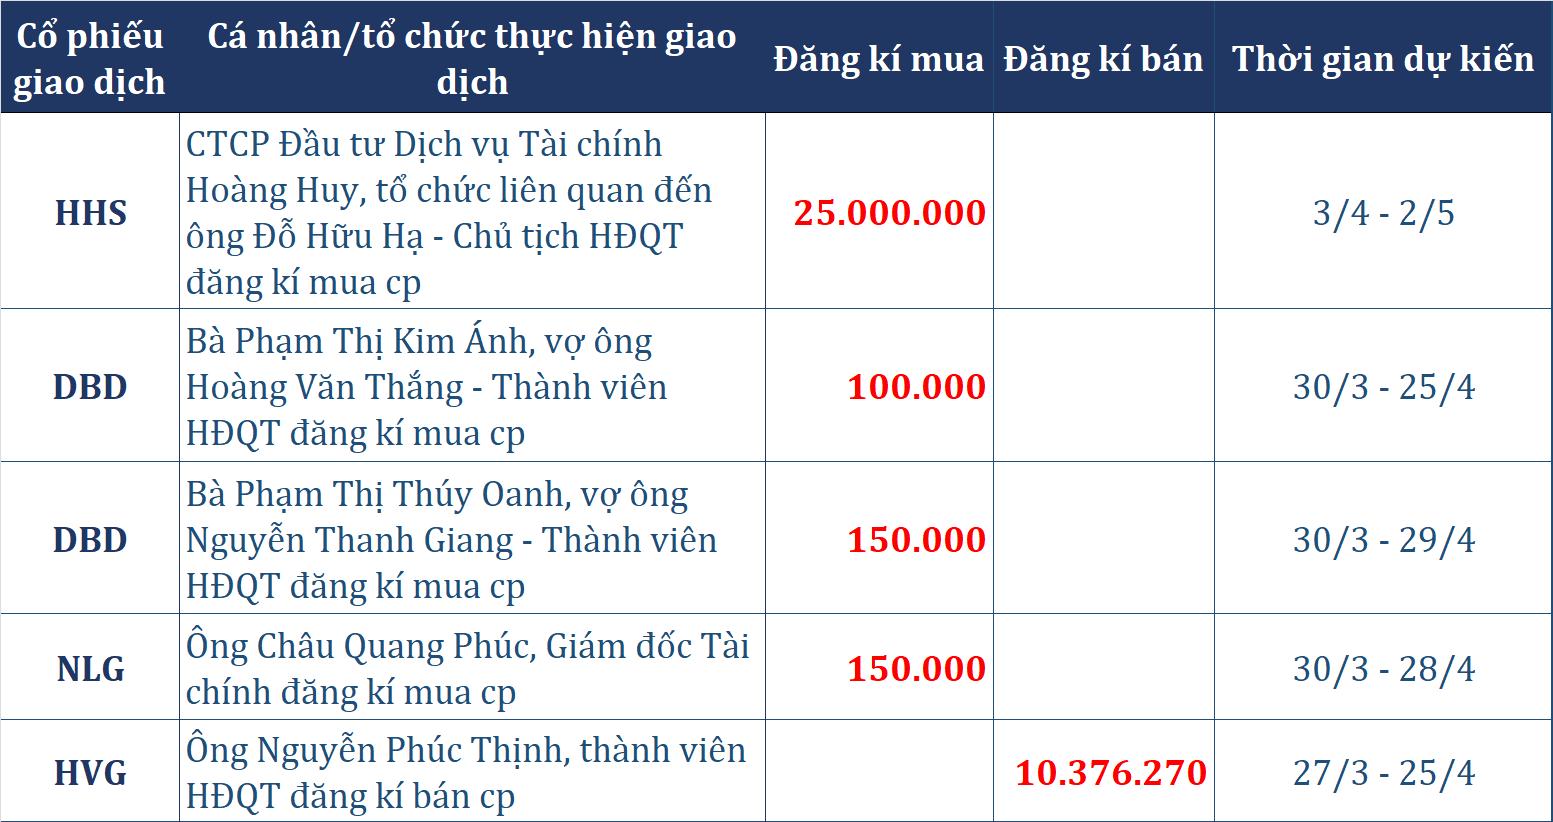 Dòng tiền thông minh 26/3: Cùng chiều khối ngoại, tự doanh CTCK tranh thủ thoái ròng 147 tỉ đồng phiên khởi sắc - Ảnh 2.